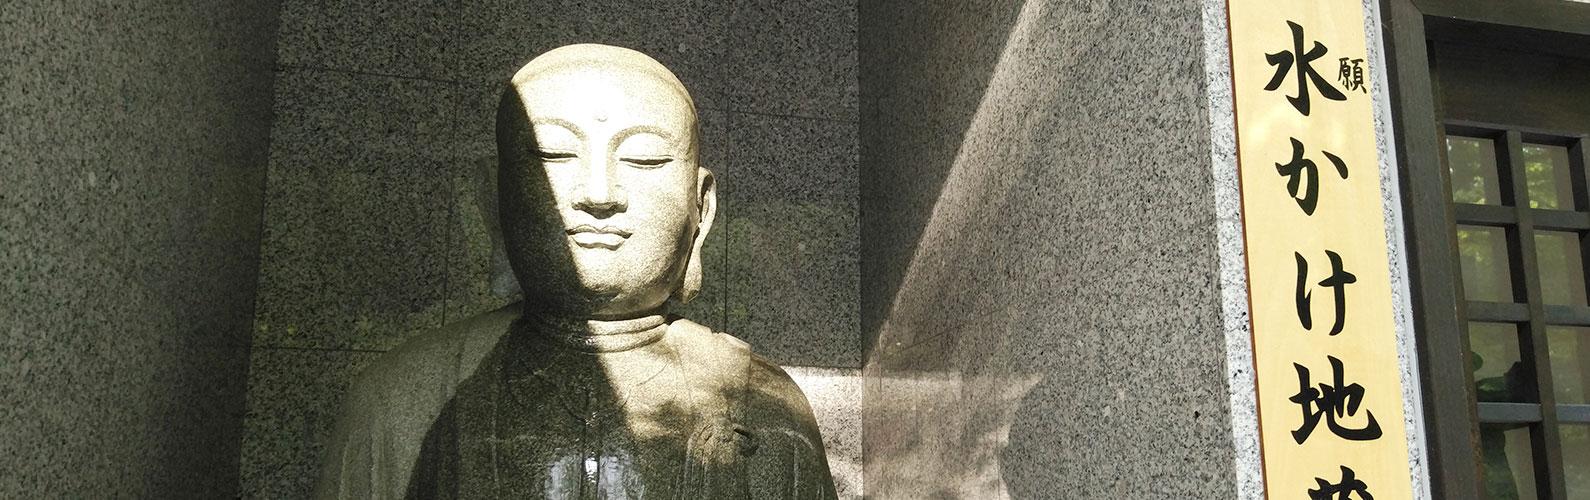 朝倉 秋月 佛願寺「供養のご案内」イメージ画像